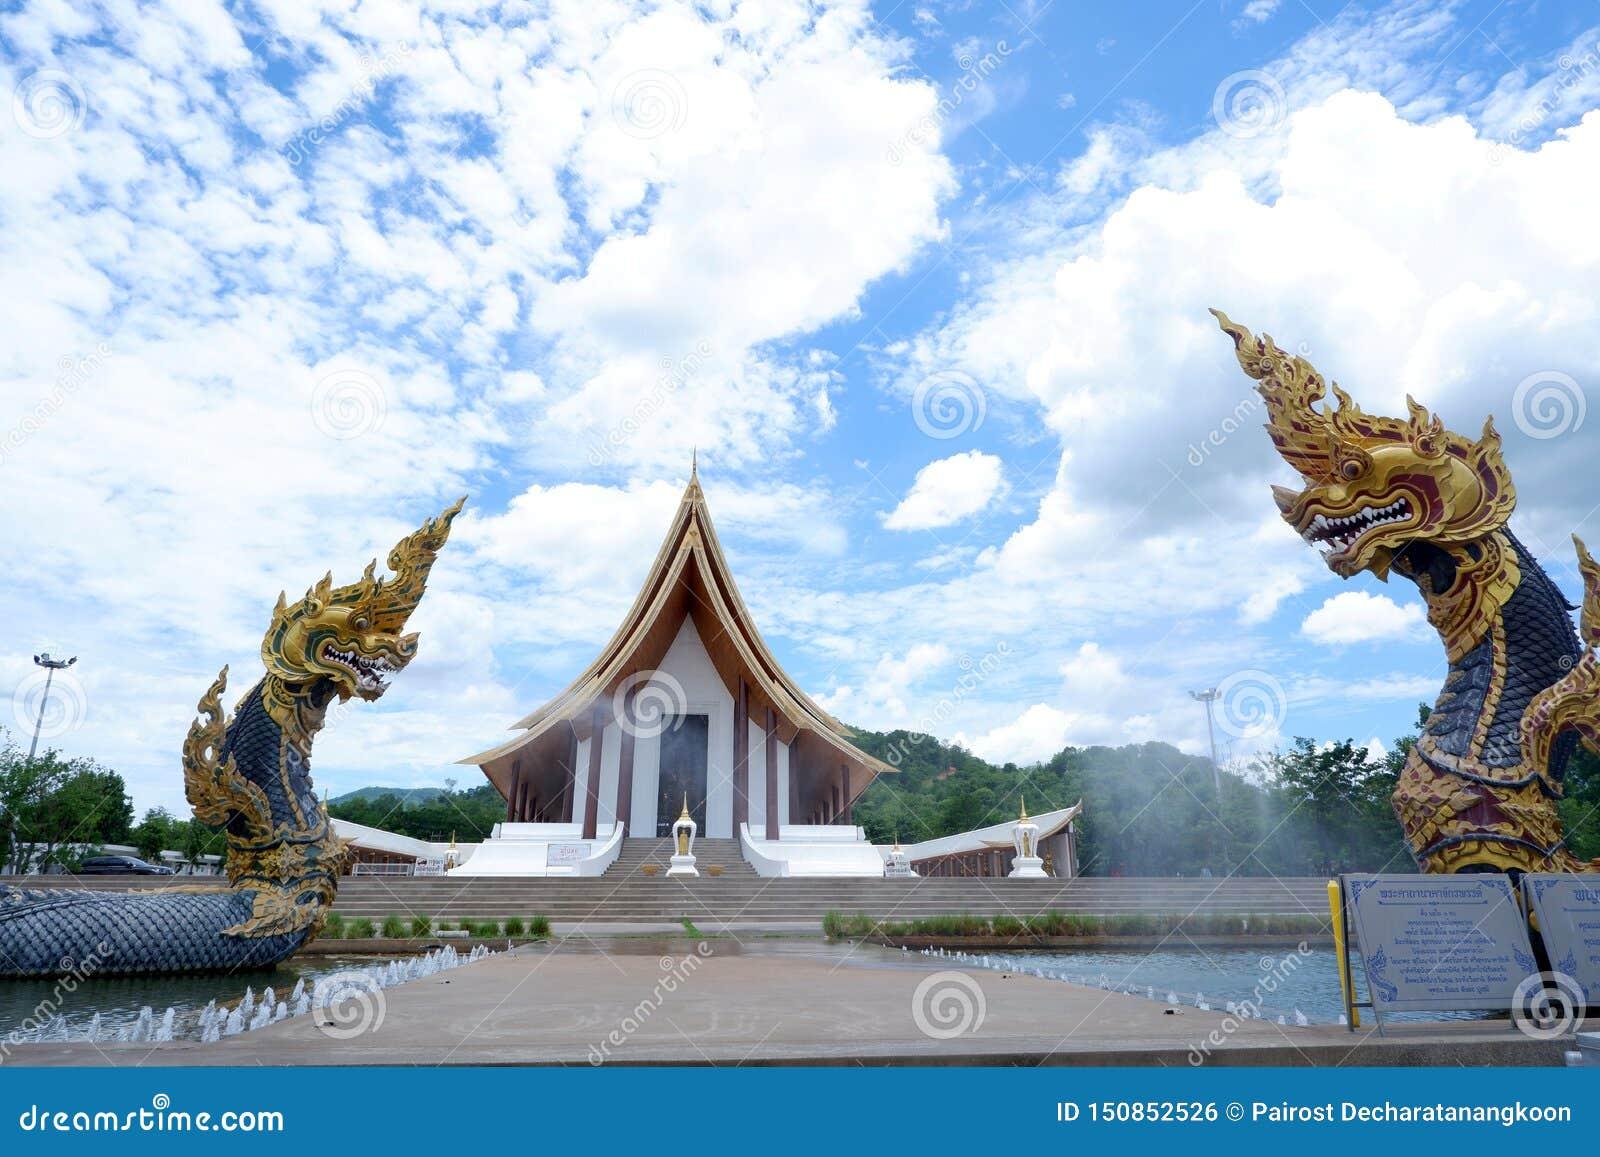 Staty för två Naga, konung av nagasormdjuret i buddistisk legend och moln för blå himmel i bakgrund på dhammayan wat, Thailand